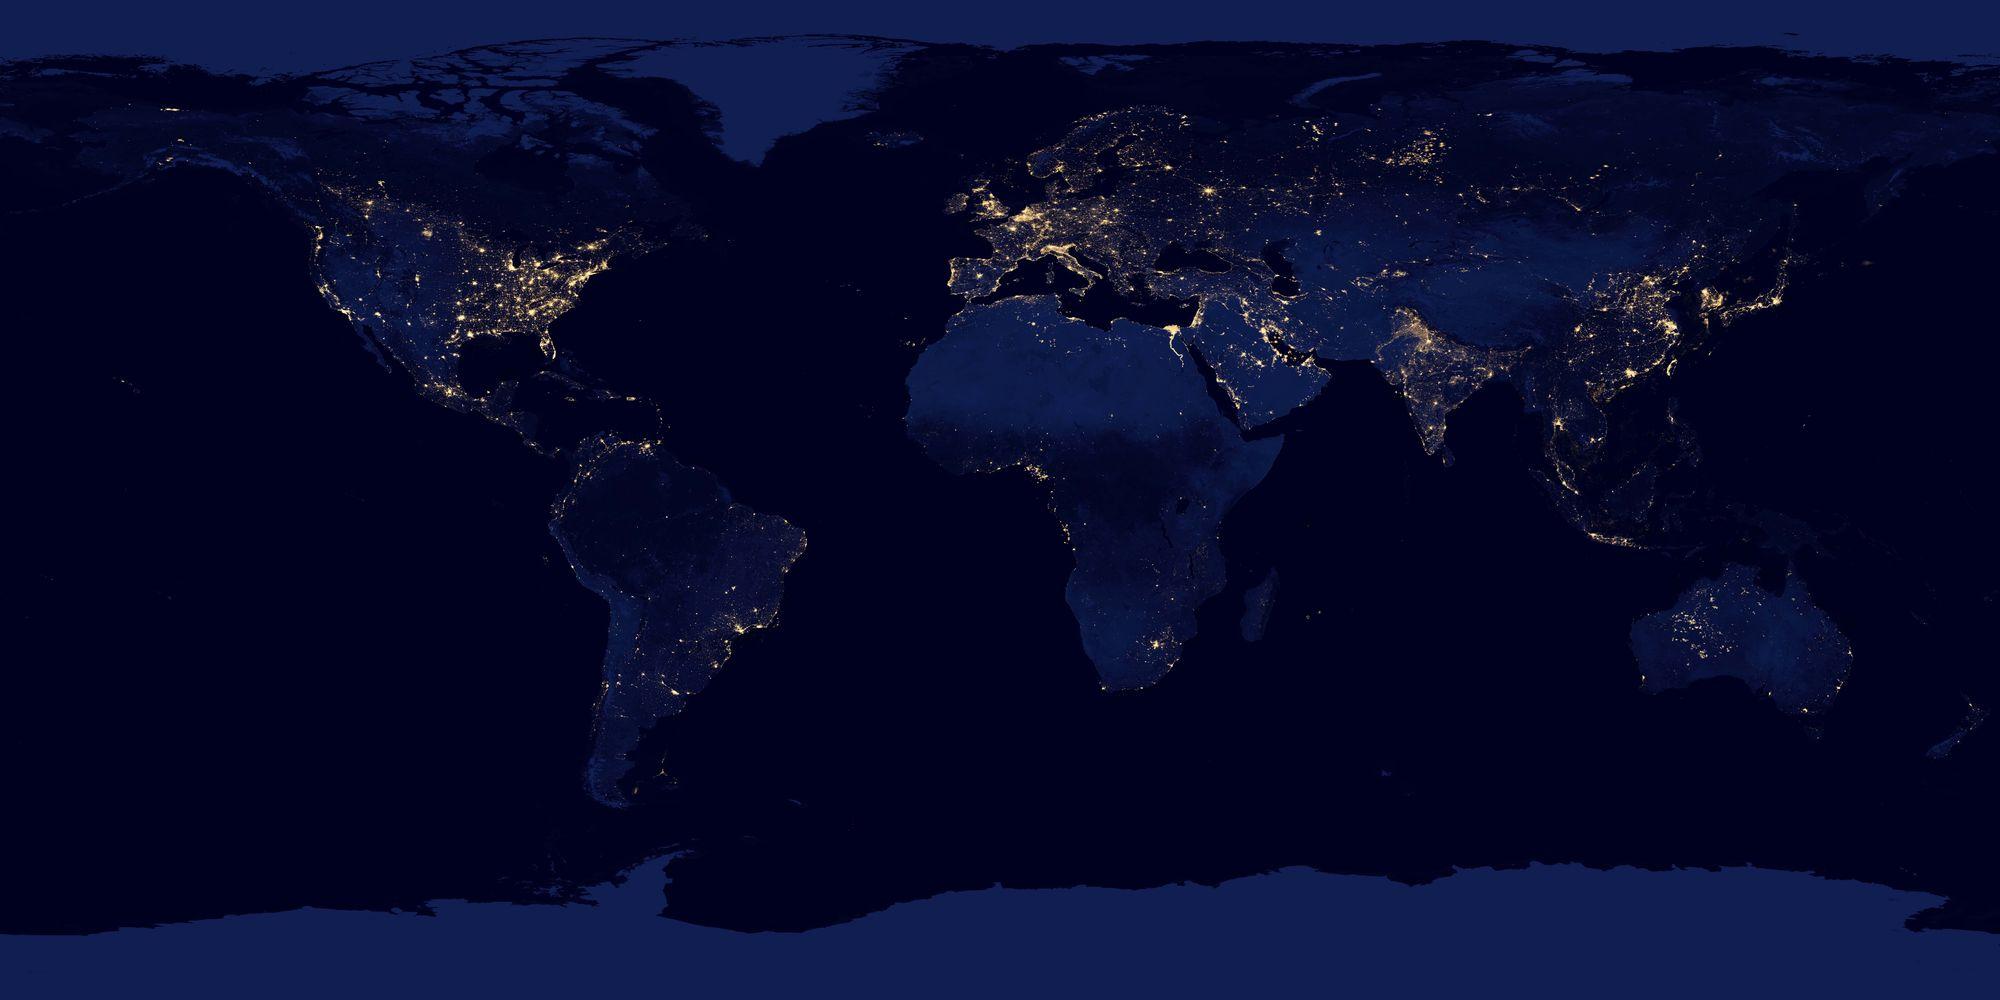 【NASA】宇宙から見た「夜の地球」の明るさを見た結果 → 日本列島が暗くなっていることが判明